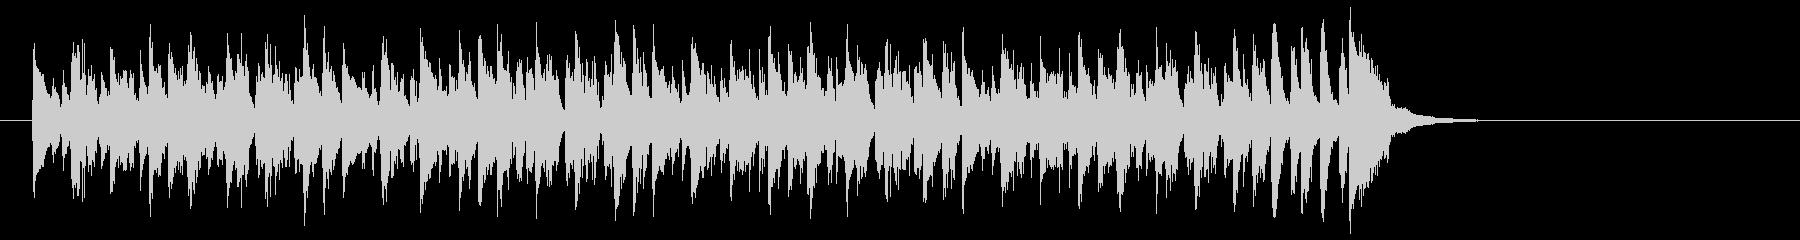 ワールド系サンバ風BGM(イントロ)の未再生の波形